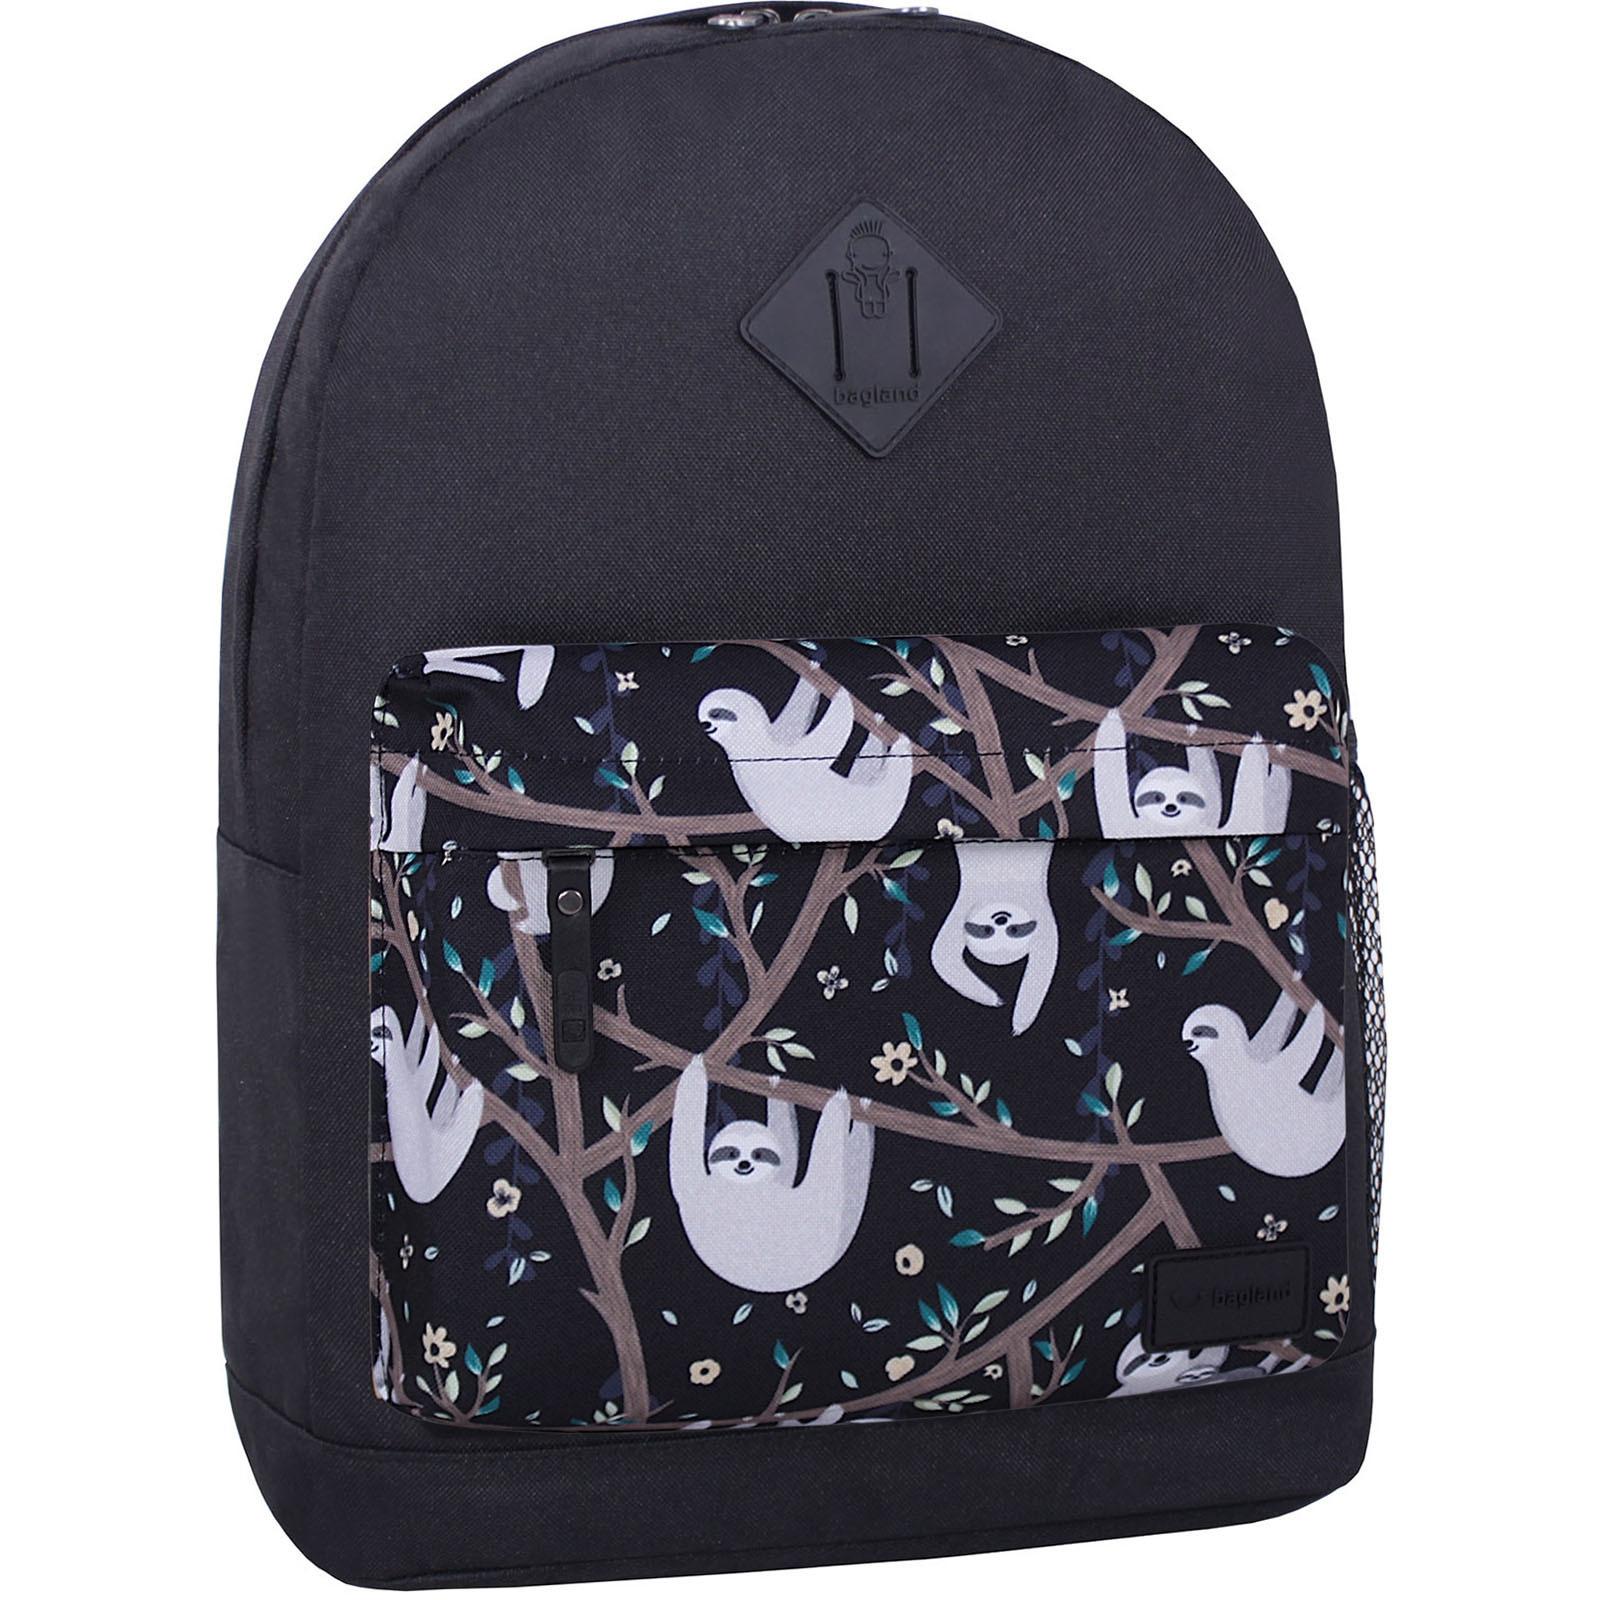 Молодежные рюкзаки Рюкзак Bagland Молодежный W/R 17 л. Черный 760 (00533662) IMG_6667_суб760_-1600.jpg